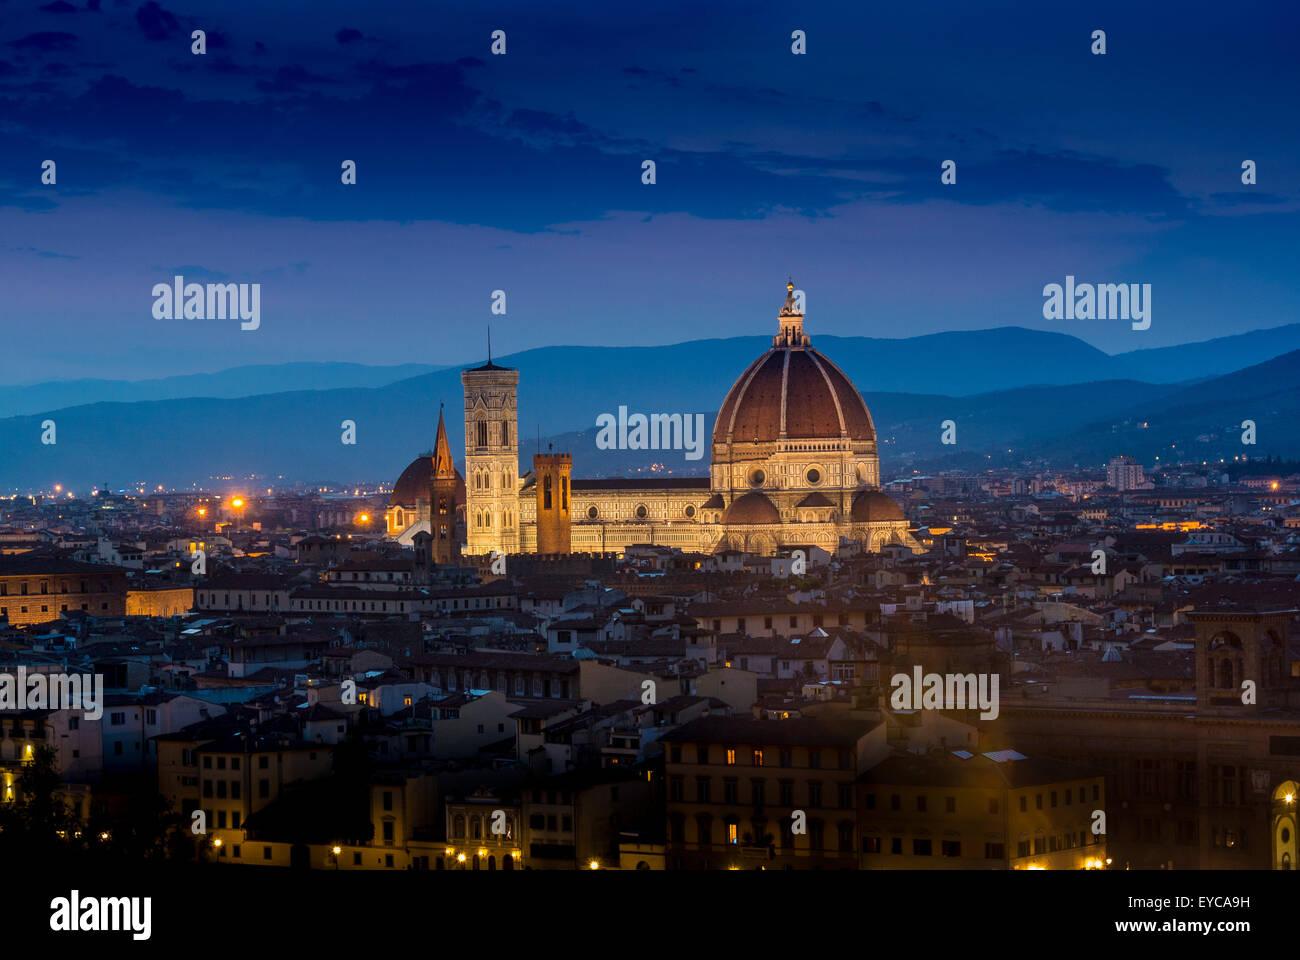 Il Duomo di Firenze di notte. Firenze, Italia. Immagini Stock